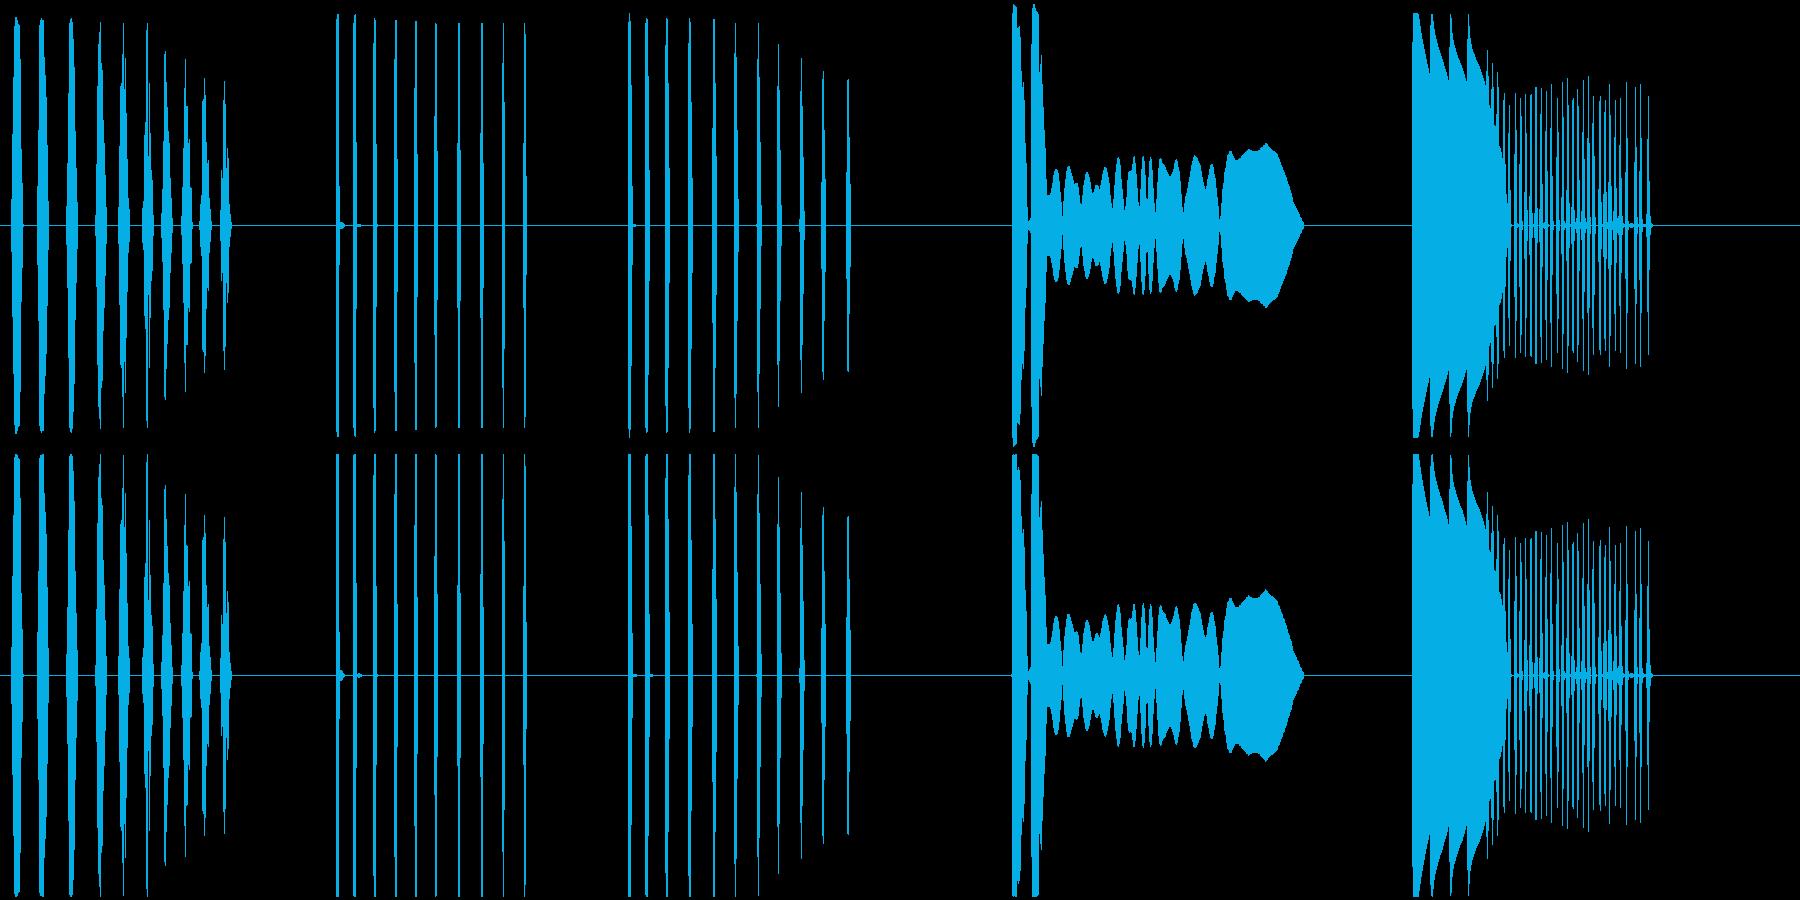 【未来の対話型コンピュータがダウン!2】の再生済みの波形